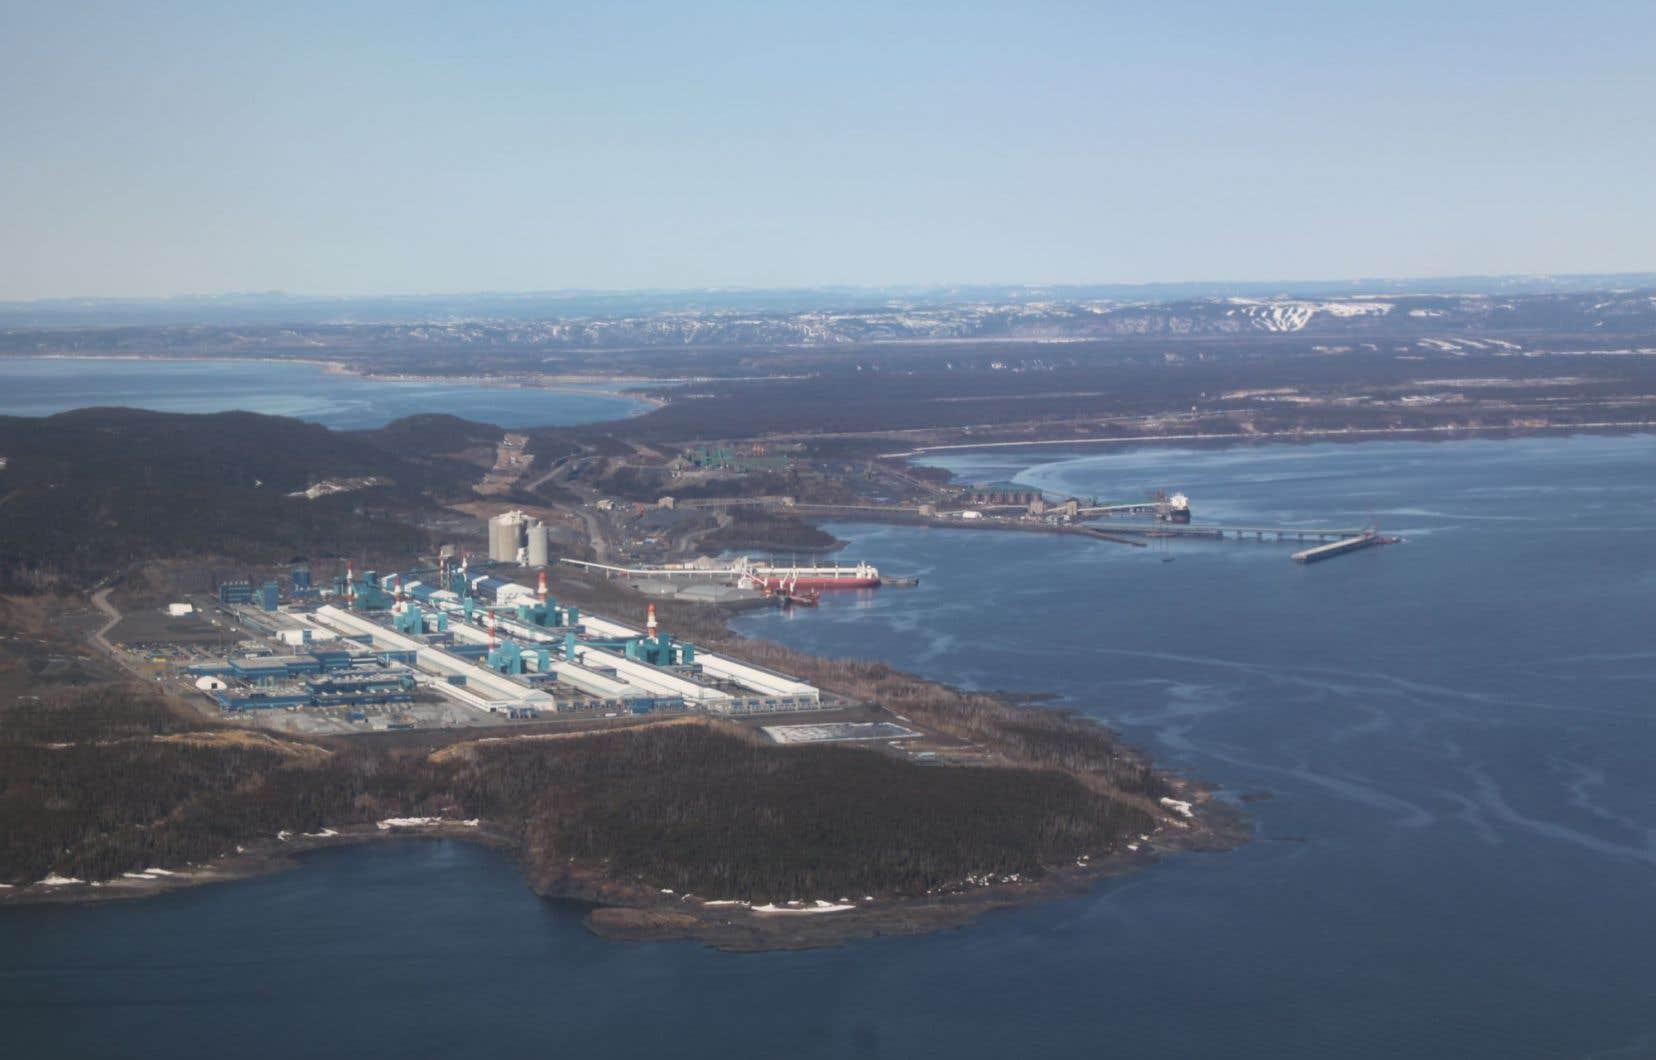 La population de Sept-Îles est divisée depuis déjà quelques années par rapport à la réalisation de Mine Arnaud, qui deviendrait la plus grosse mine à ciel ouvert en milieu habité au Québec.